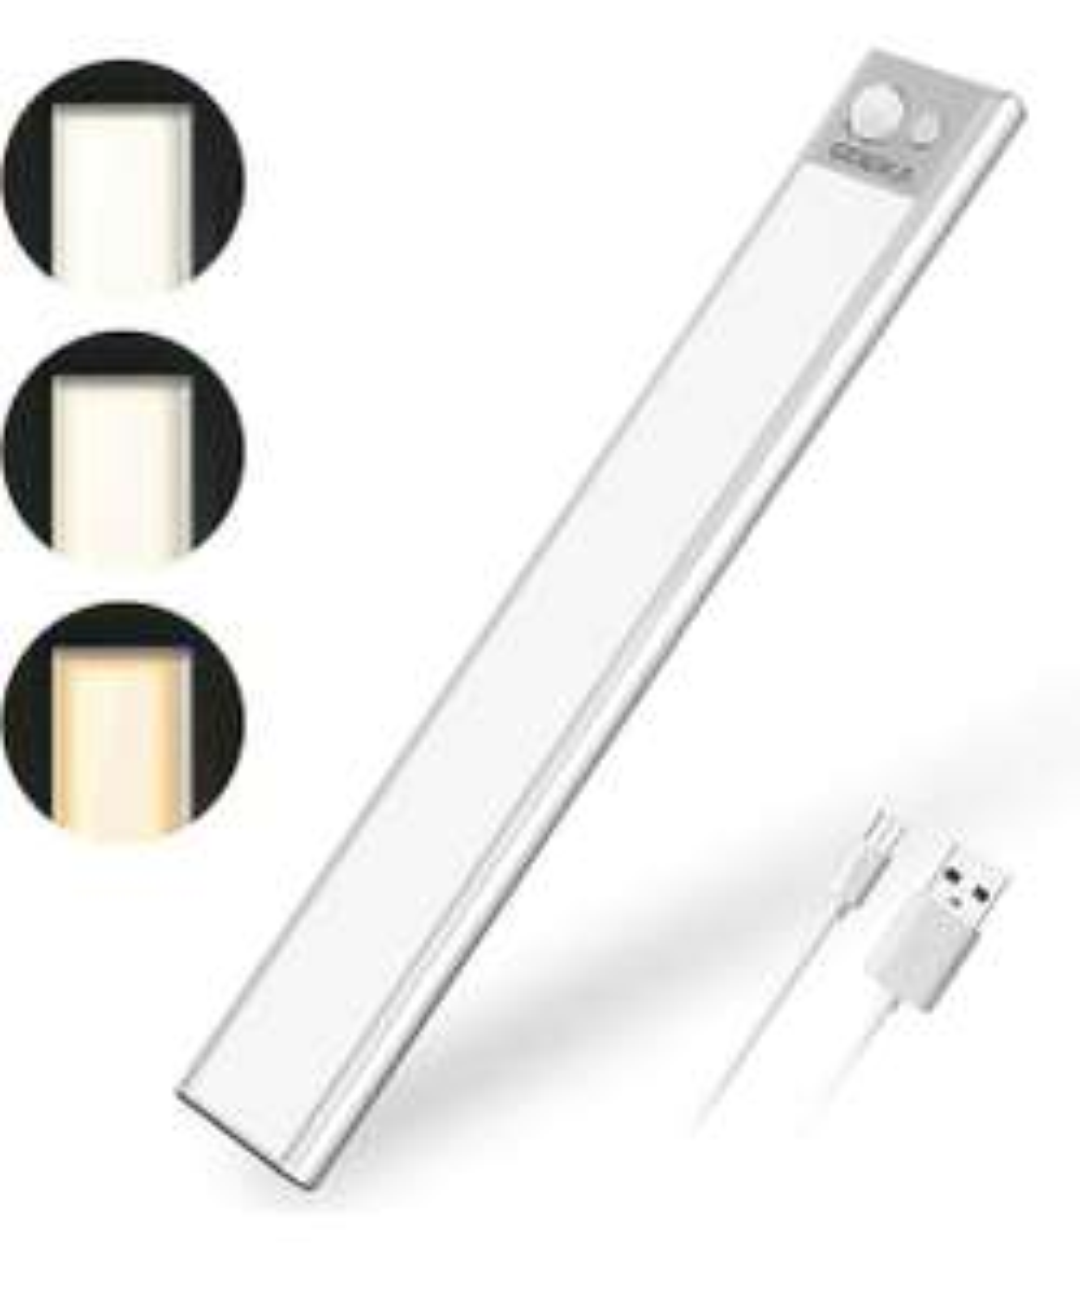 GMEKA Led Luce Armadio, 1500mAh Luce Notturna con Sensore di Movimento 74 LED, USB Ricaricabile